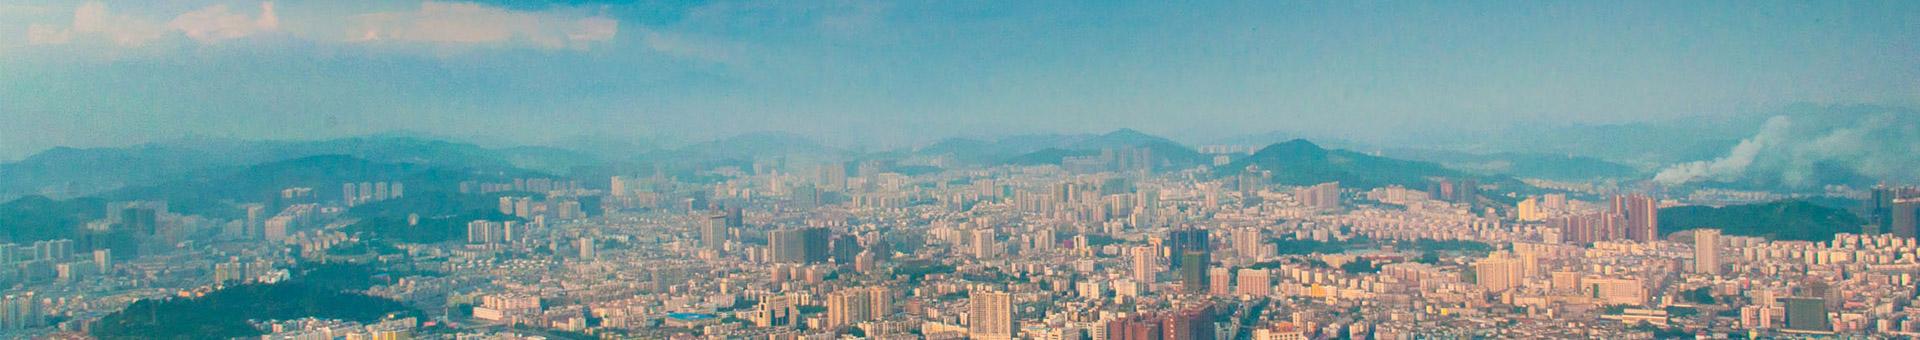 要整容,不如先整心_公司新闻_新闻资讯_深圳市三绿园林实业有限公司